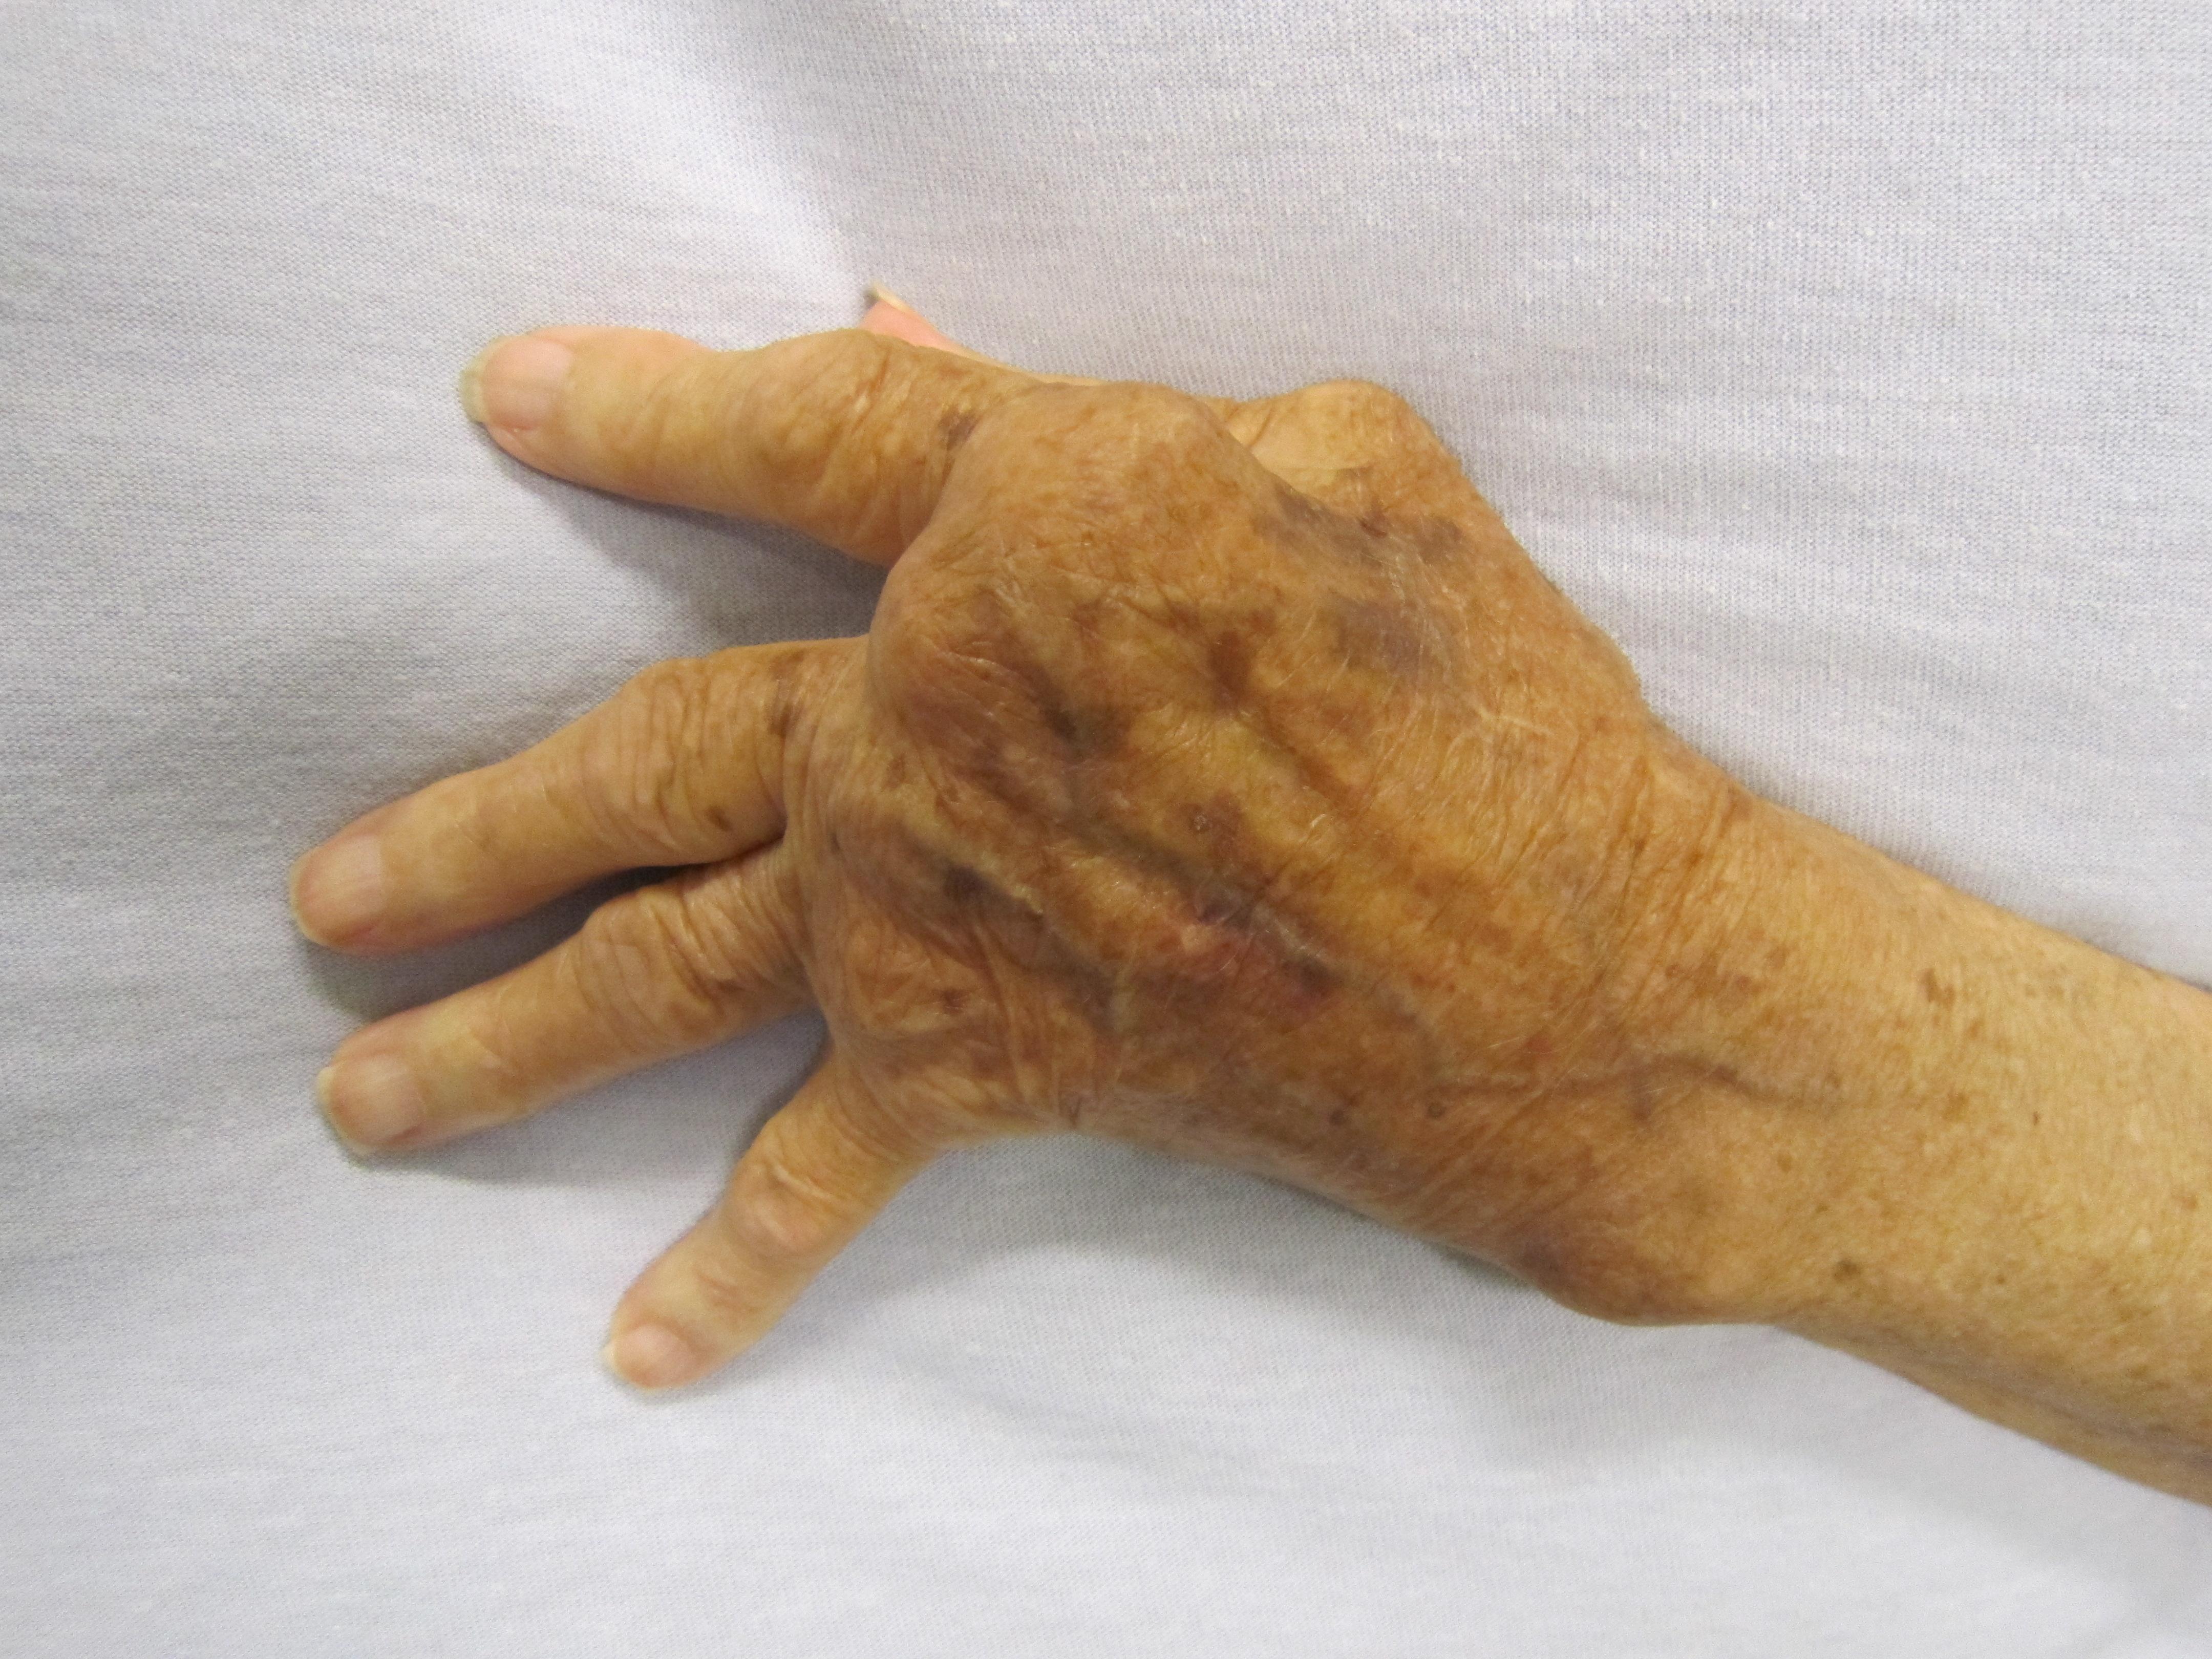 bal kéz izületi gyulladása, mint kezelésére deformált boka artrózis kezelés